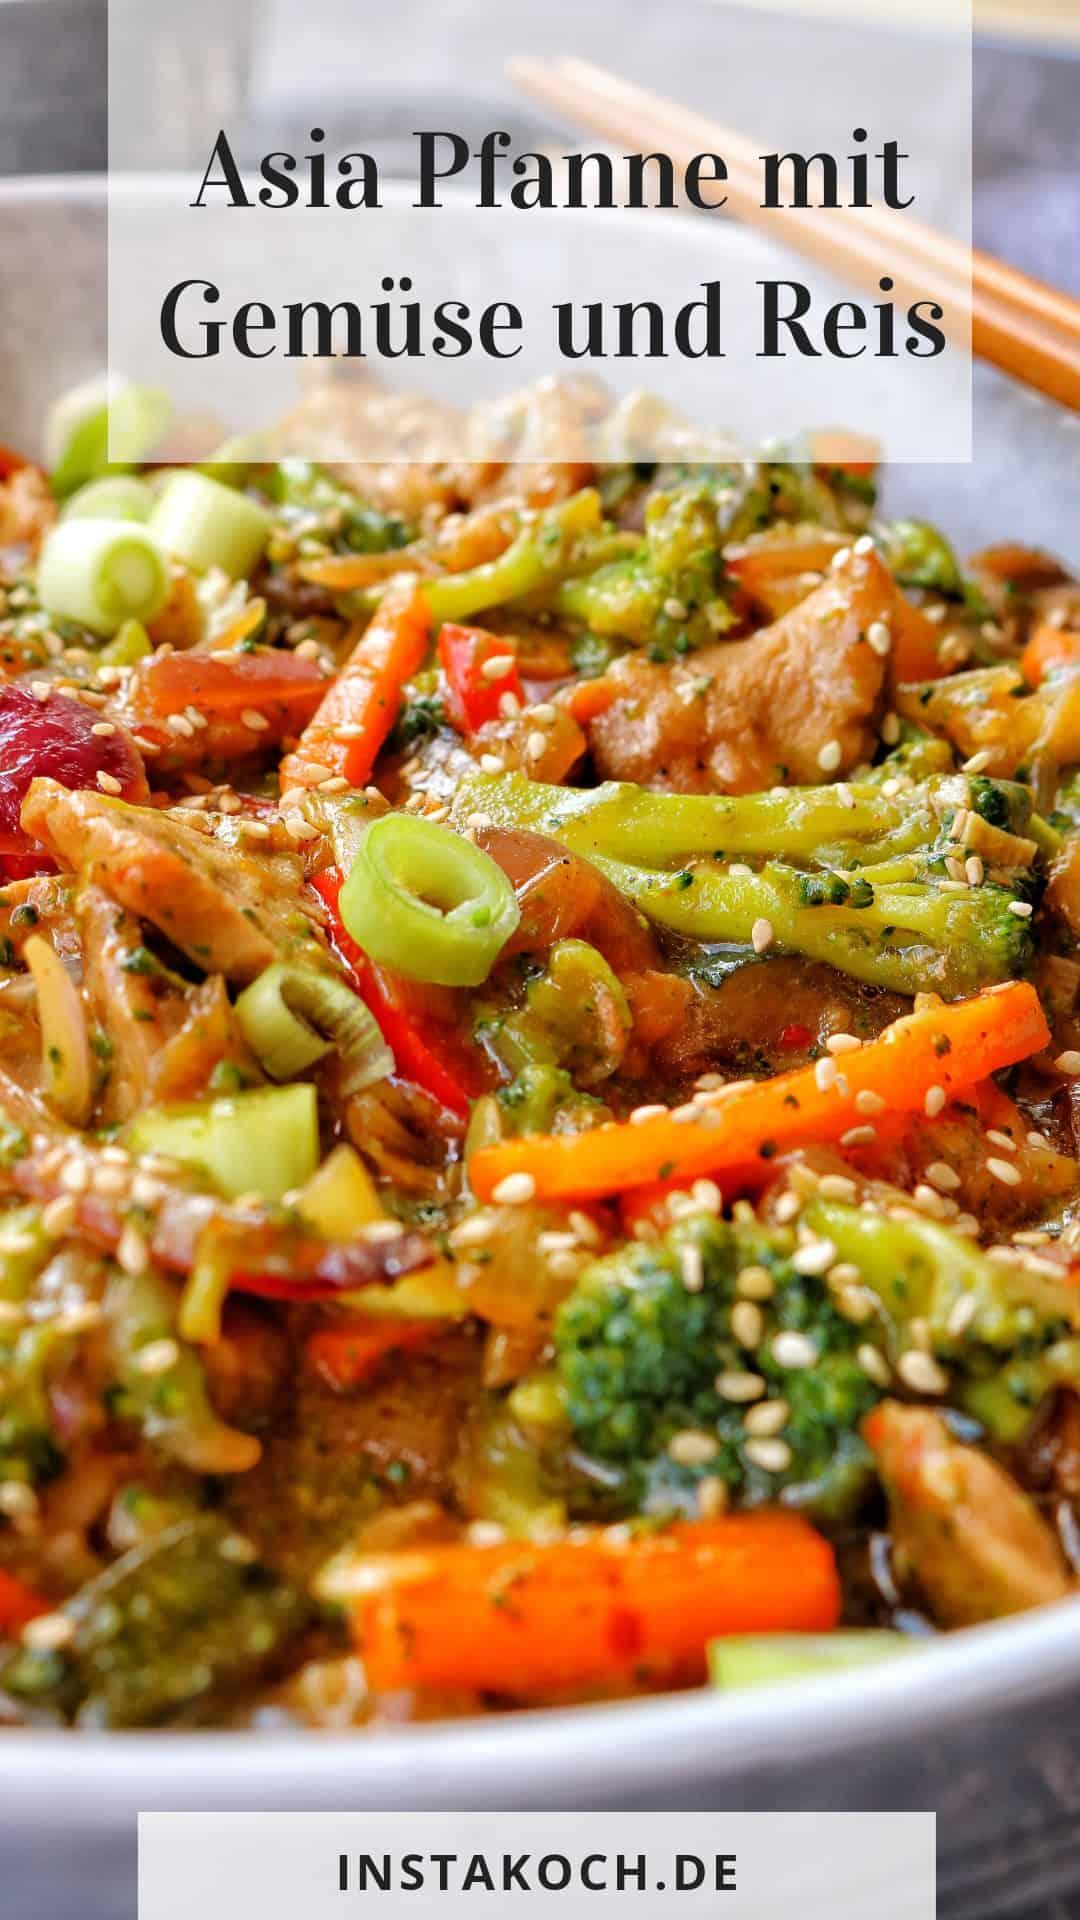 Eine helle Schale mit der asia Pfanne mit Gemüse und Reis